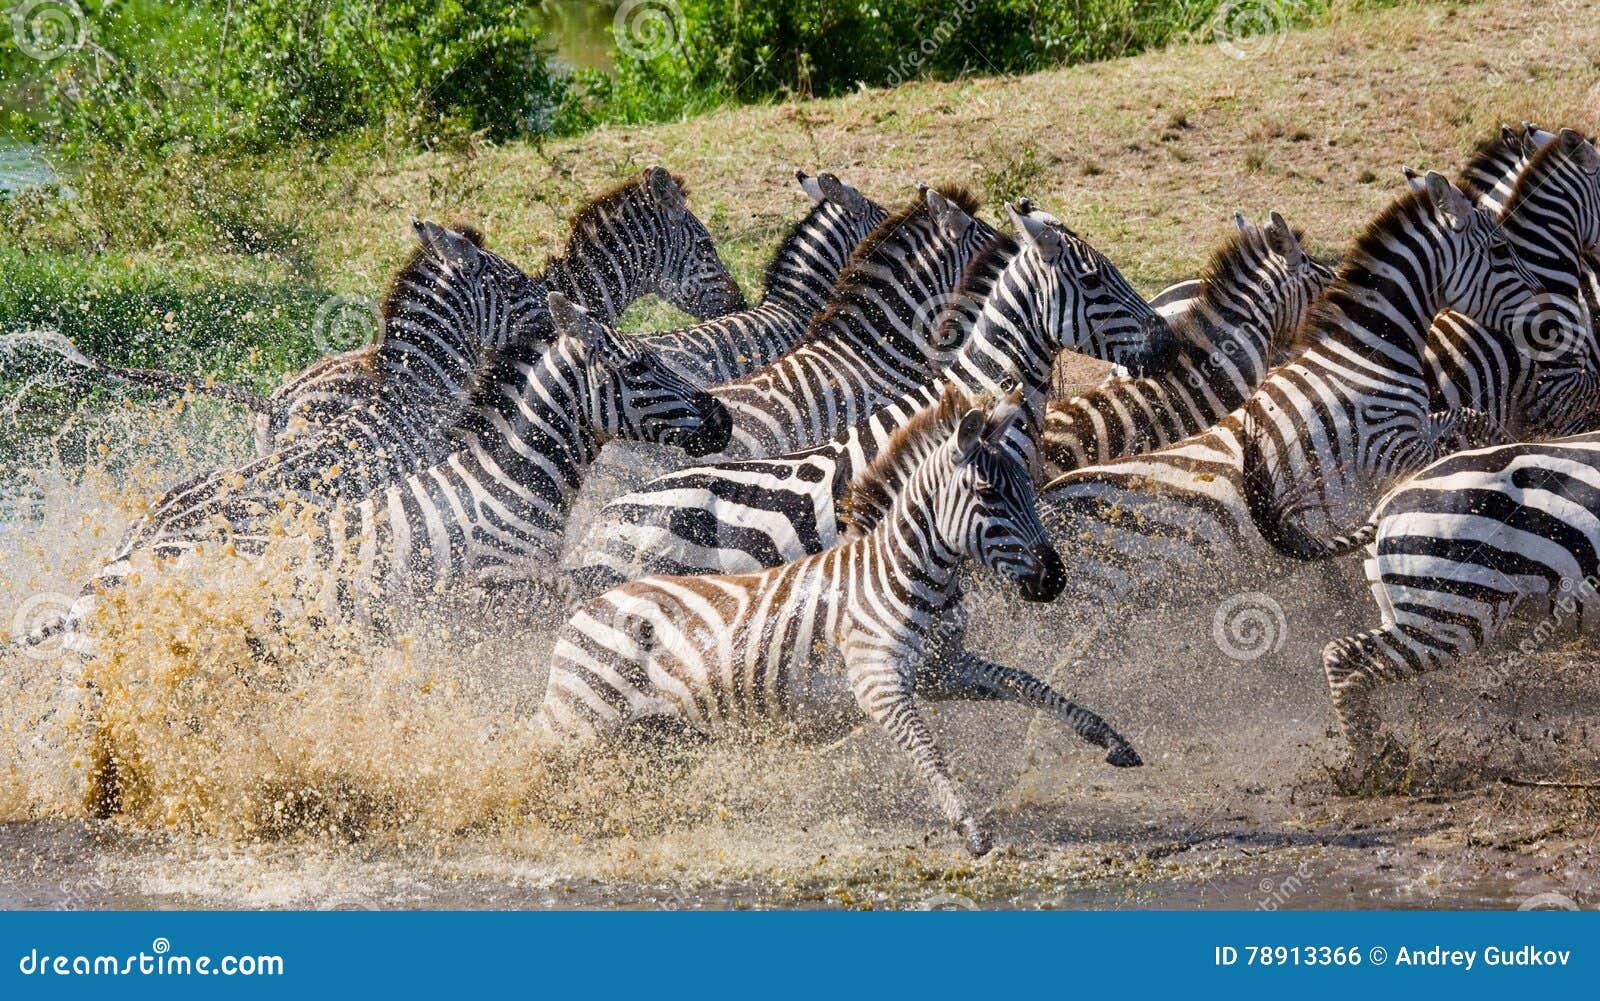 Grupo de zebras que correm através da água kenya tanzânia Parque nacional serengeti Maasai Mara